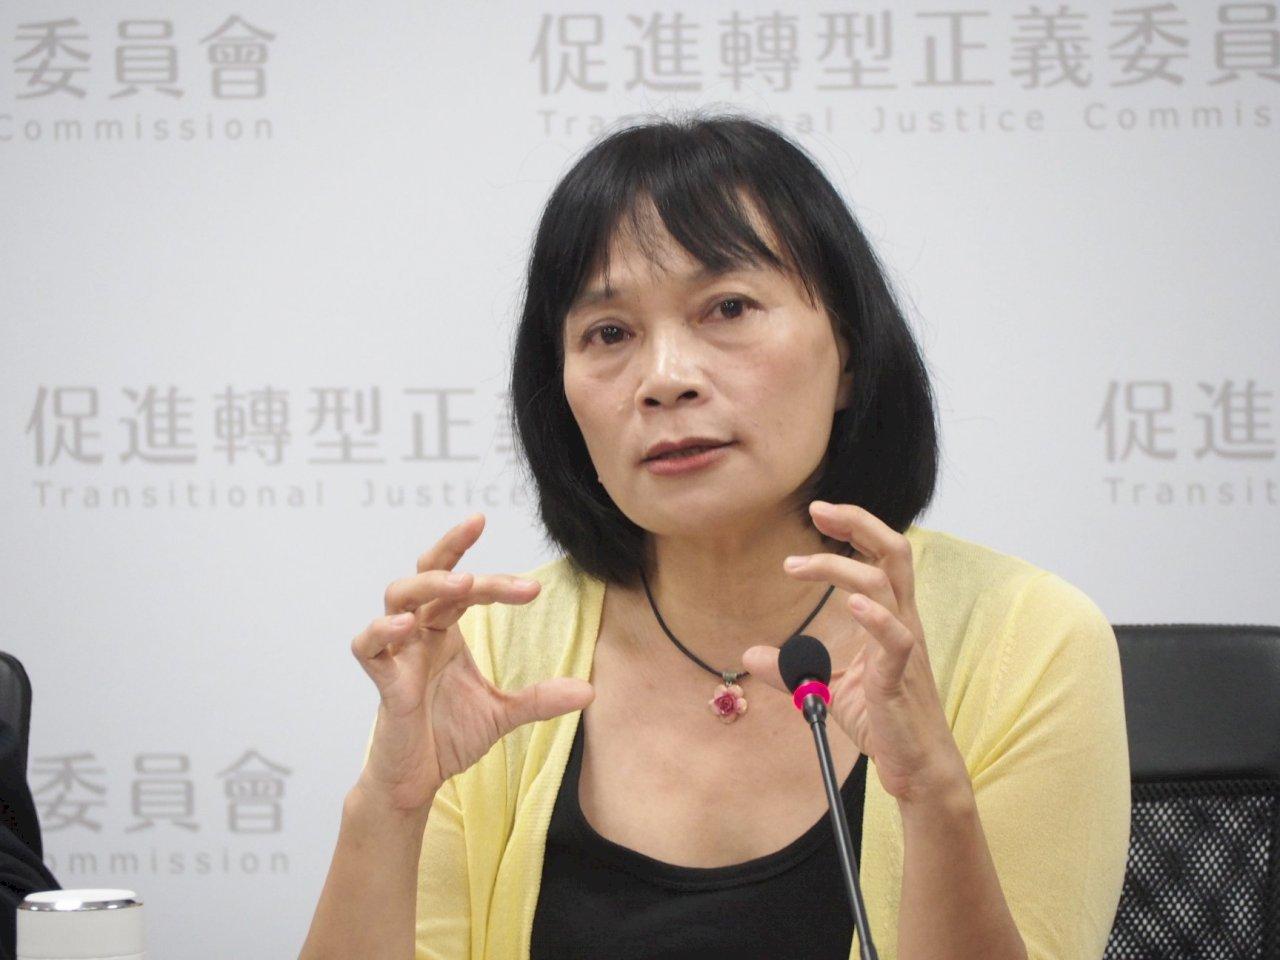 要求司法院解密大法官檔案 楊翠:絕無行政凌駕司法